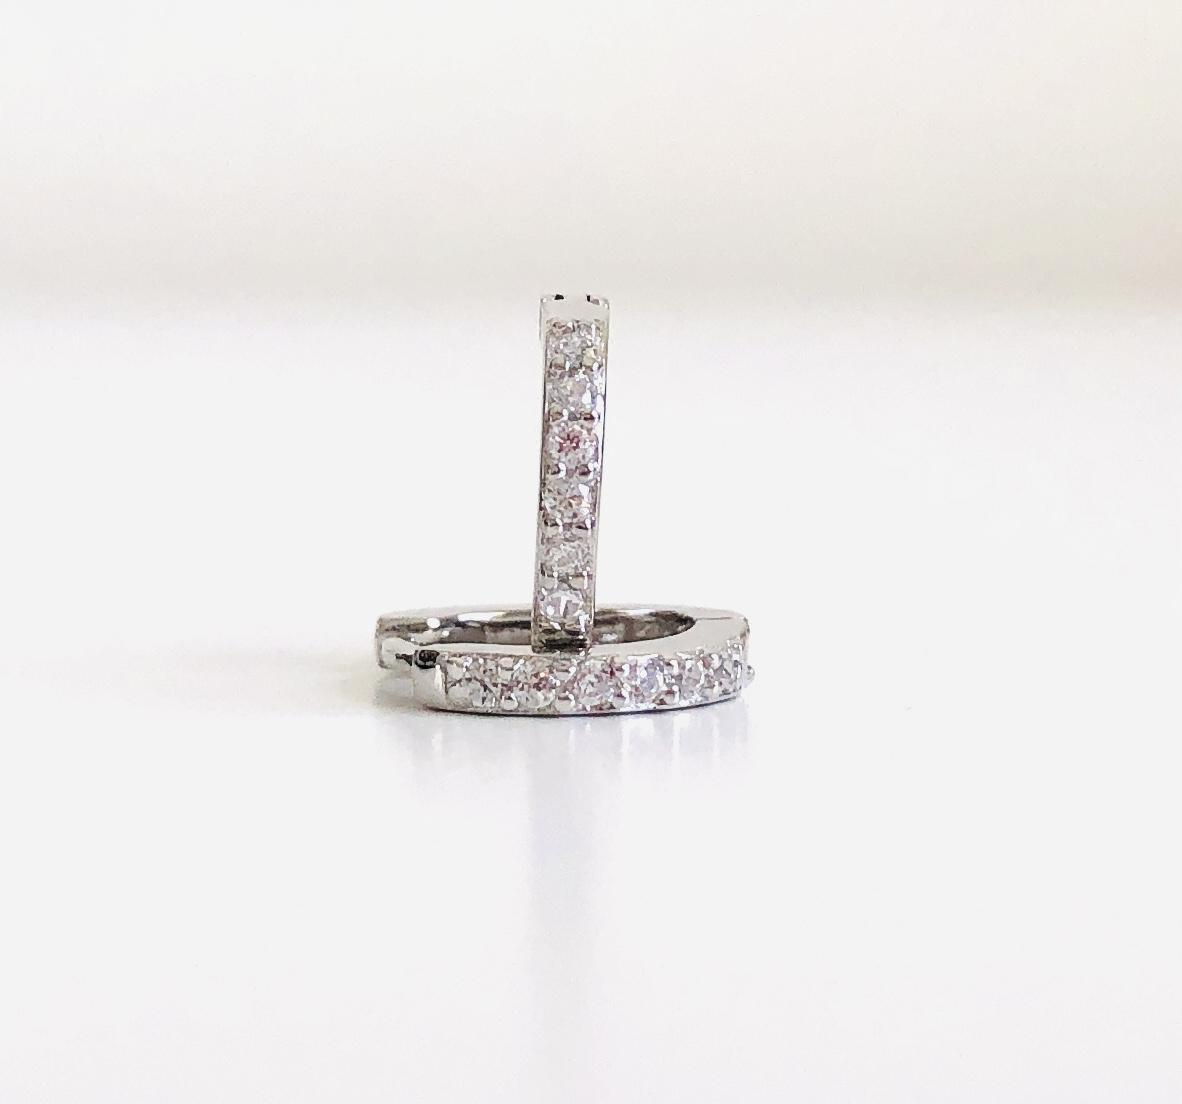 Aros criollas de plata con baño de rodio de 11 mm con circonitas